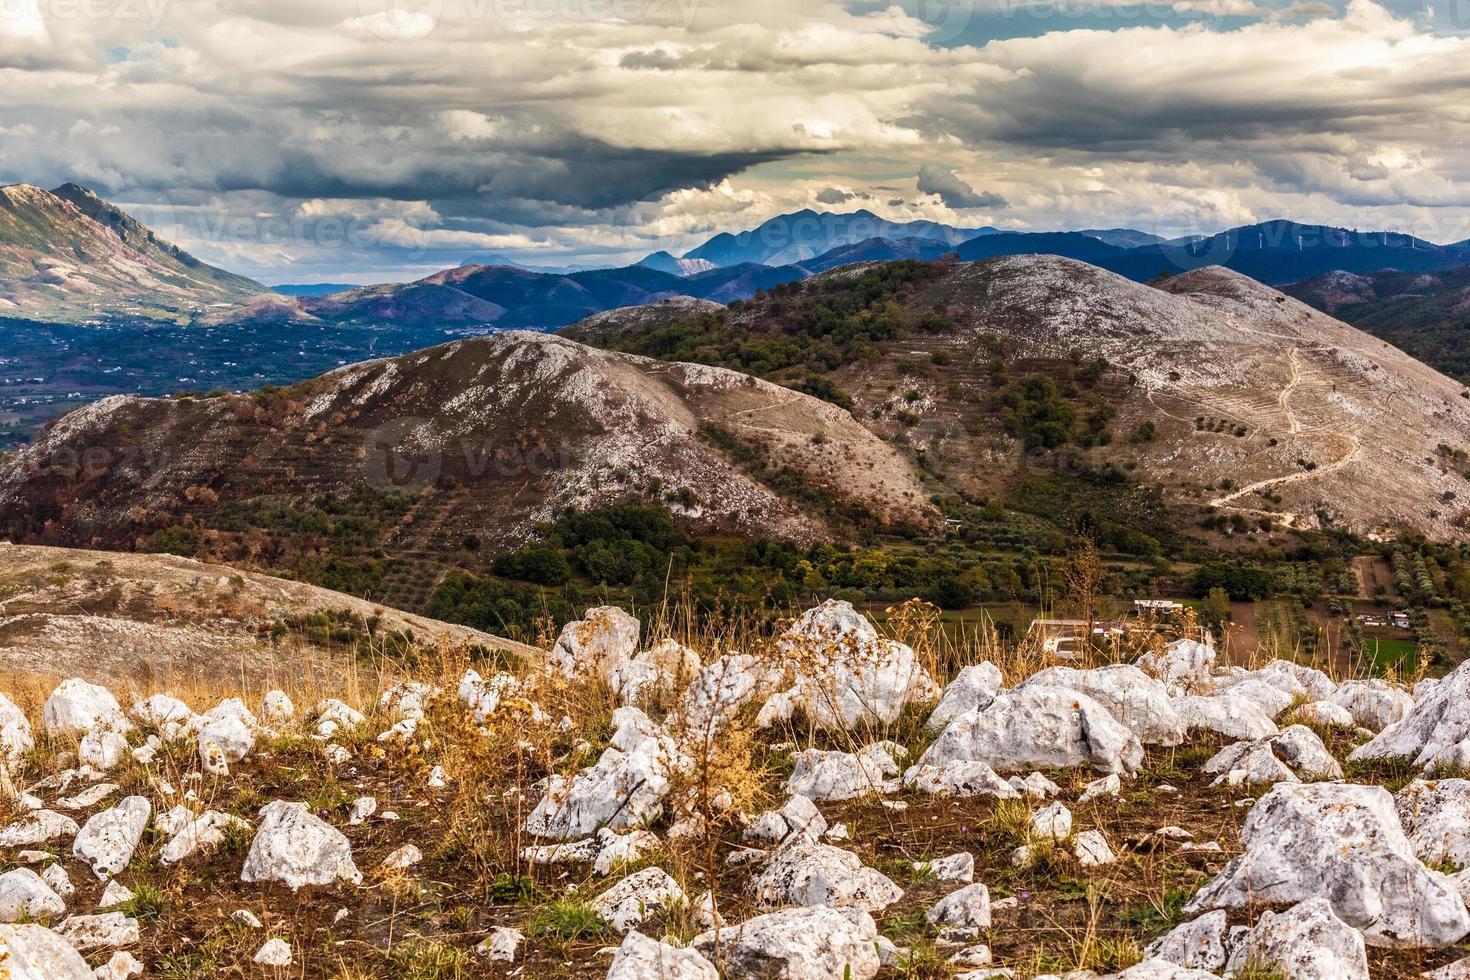 Rural mountains photo